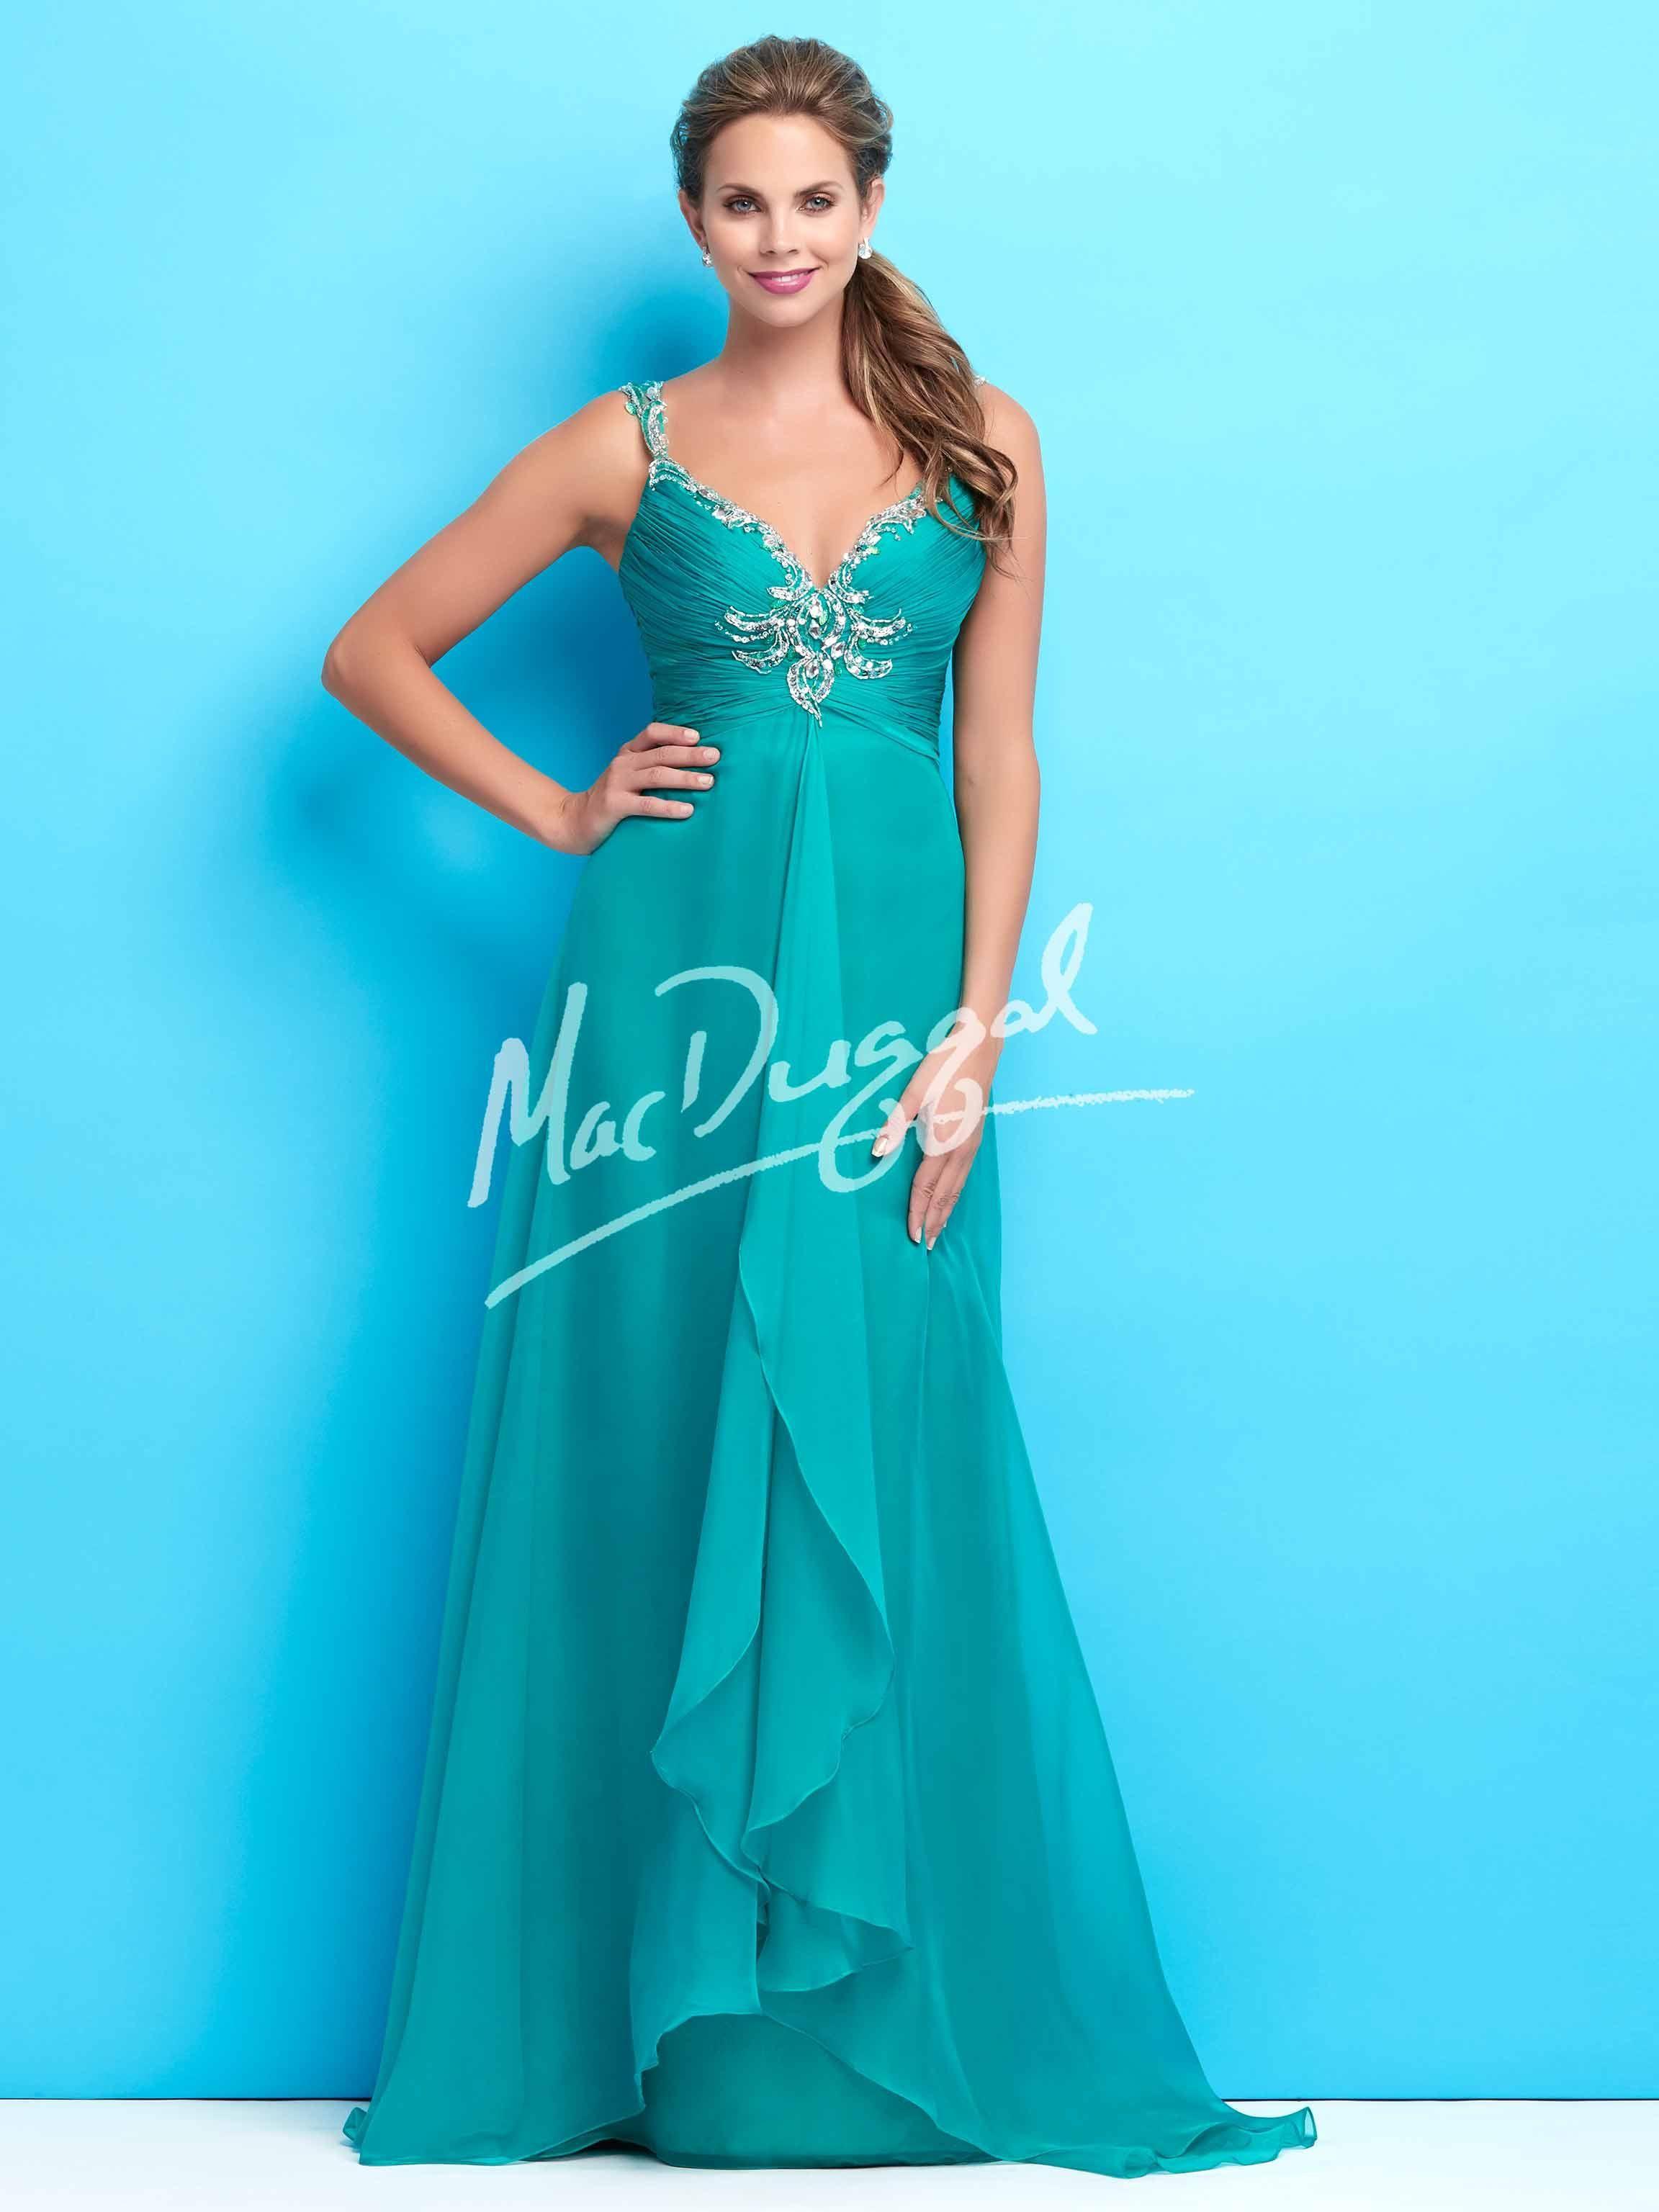 Mac duggal prom dresses pinterest prom dresses dresses